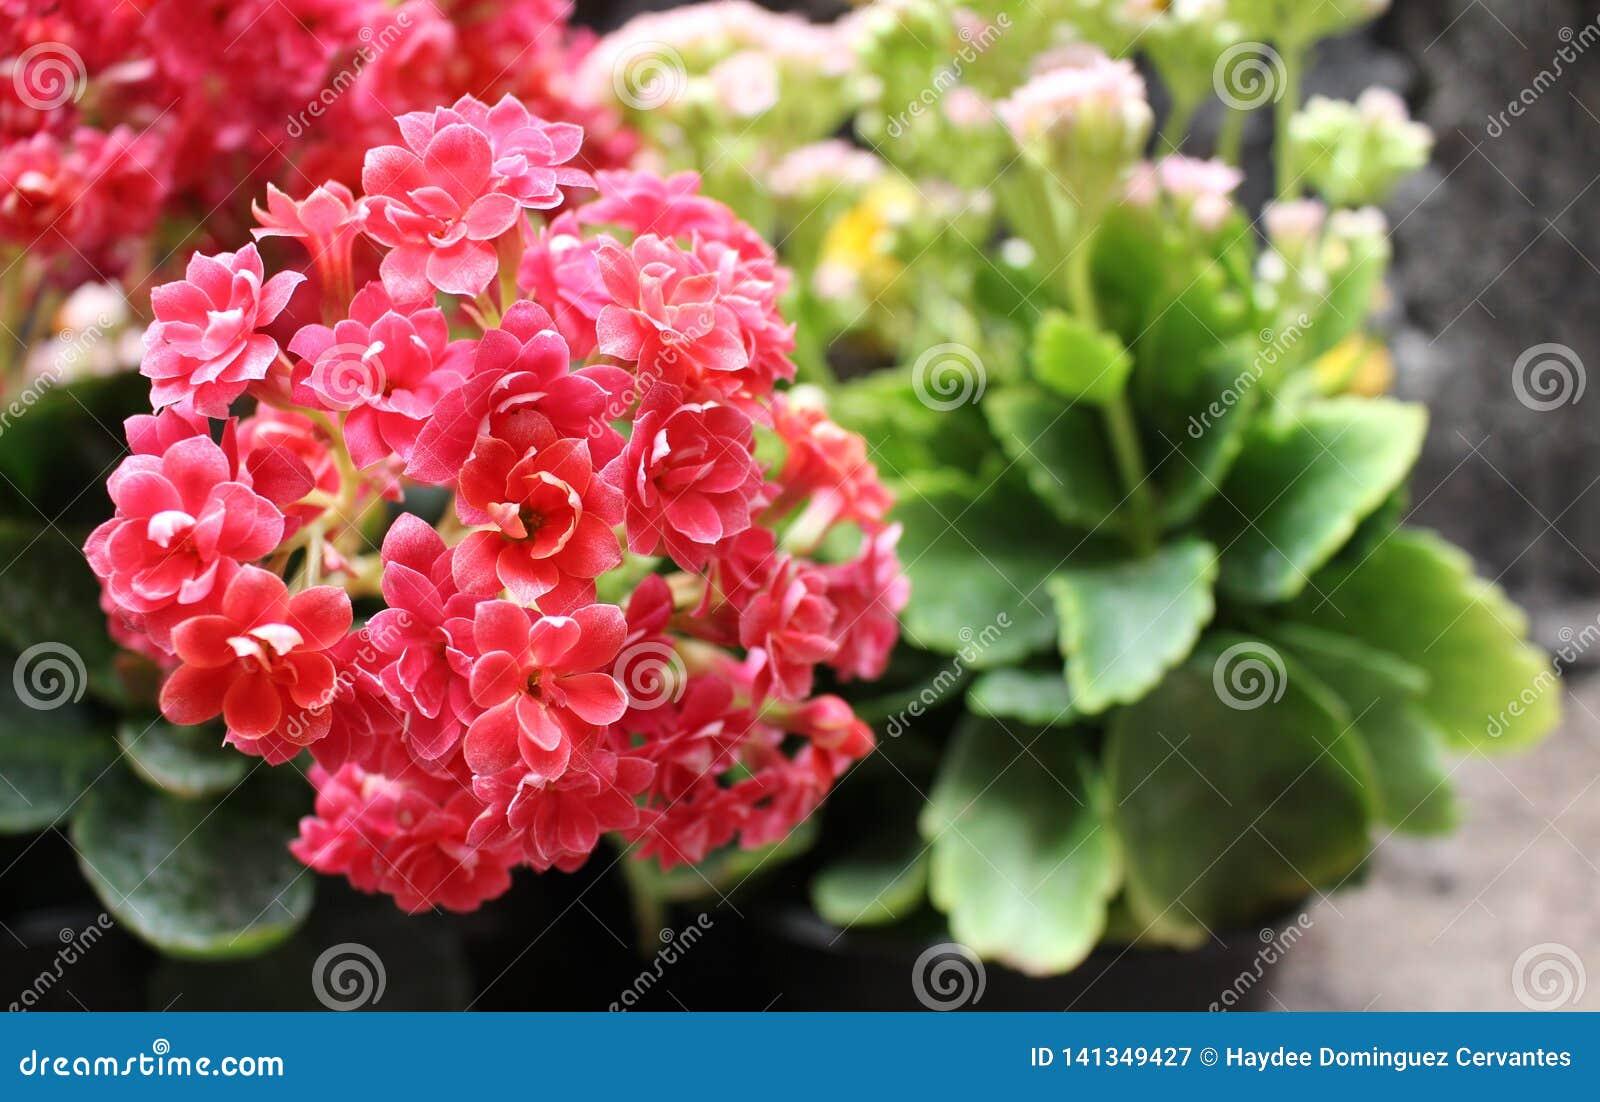 Букет крошечных цветков завода kalanchoe